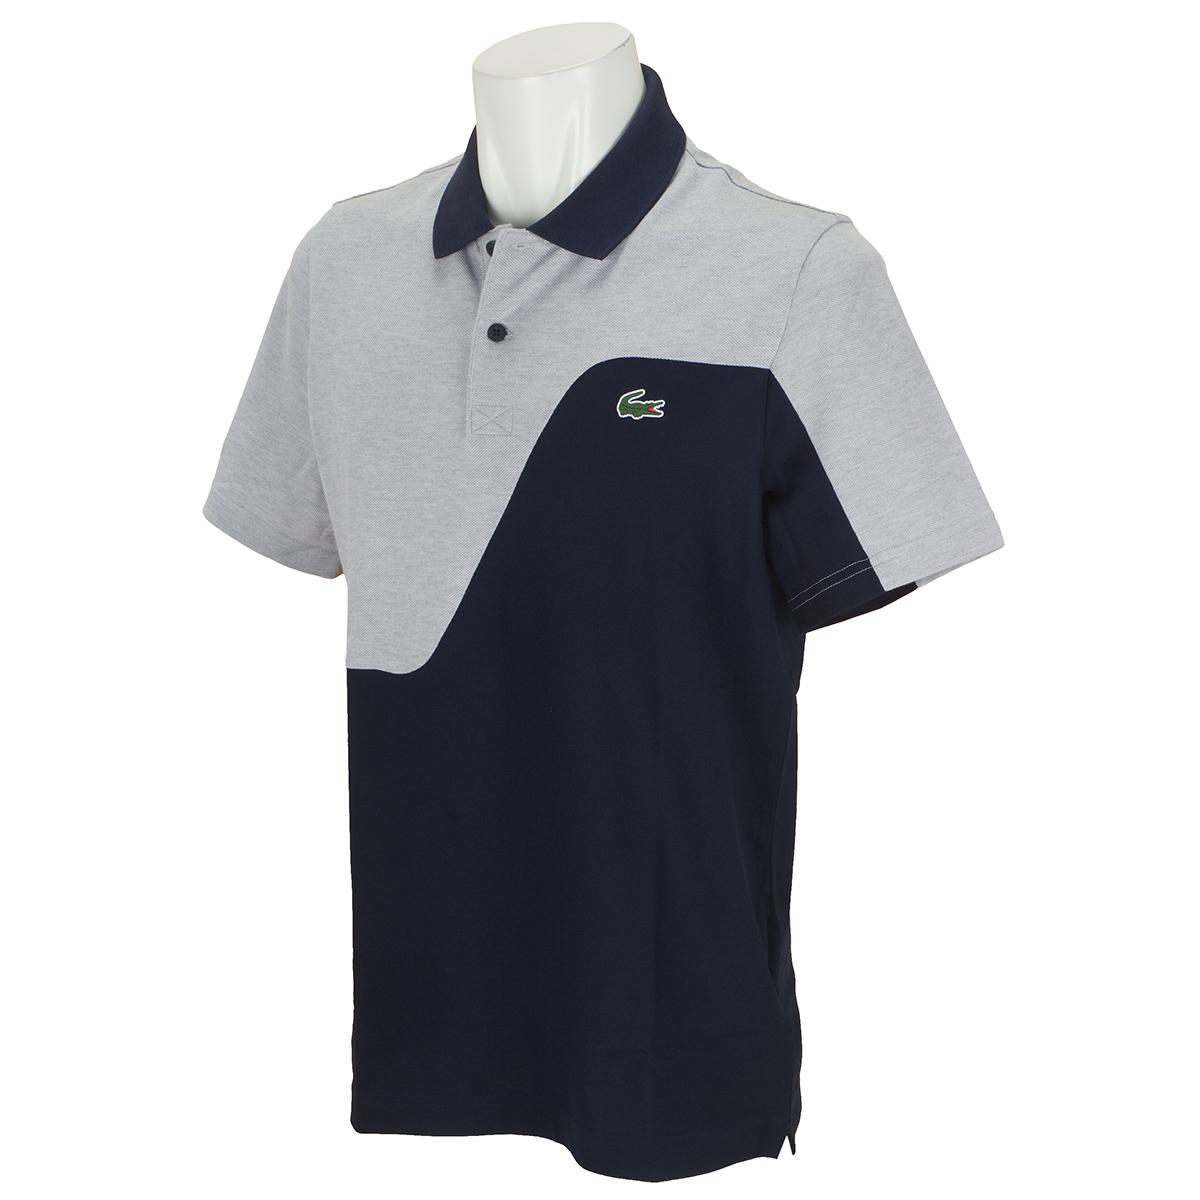 ツートーンピケ ゴルフ半袖ポロシャツ